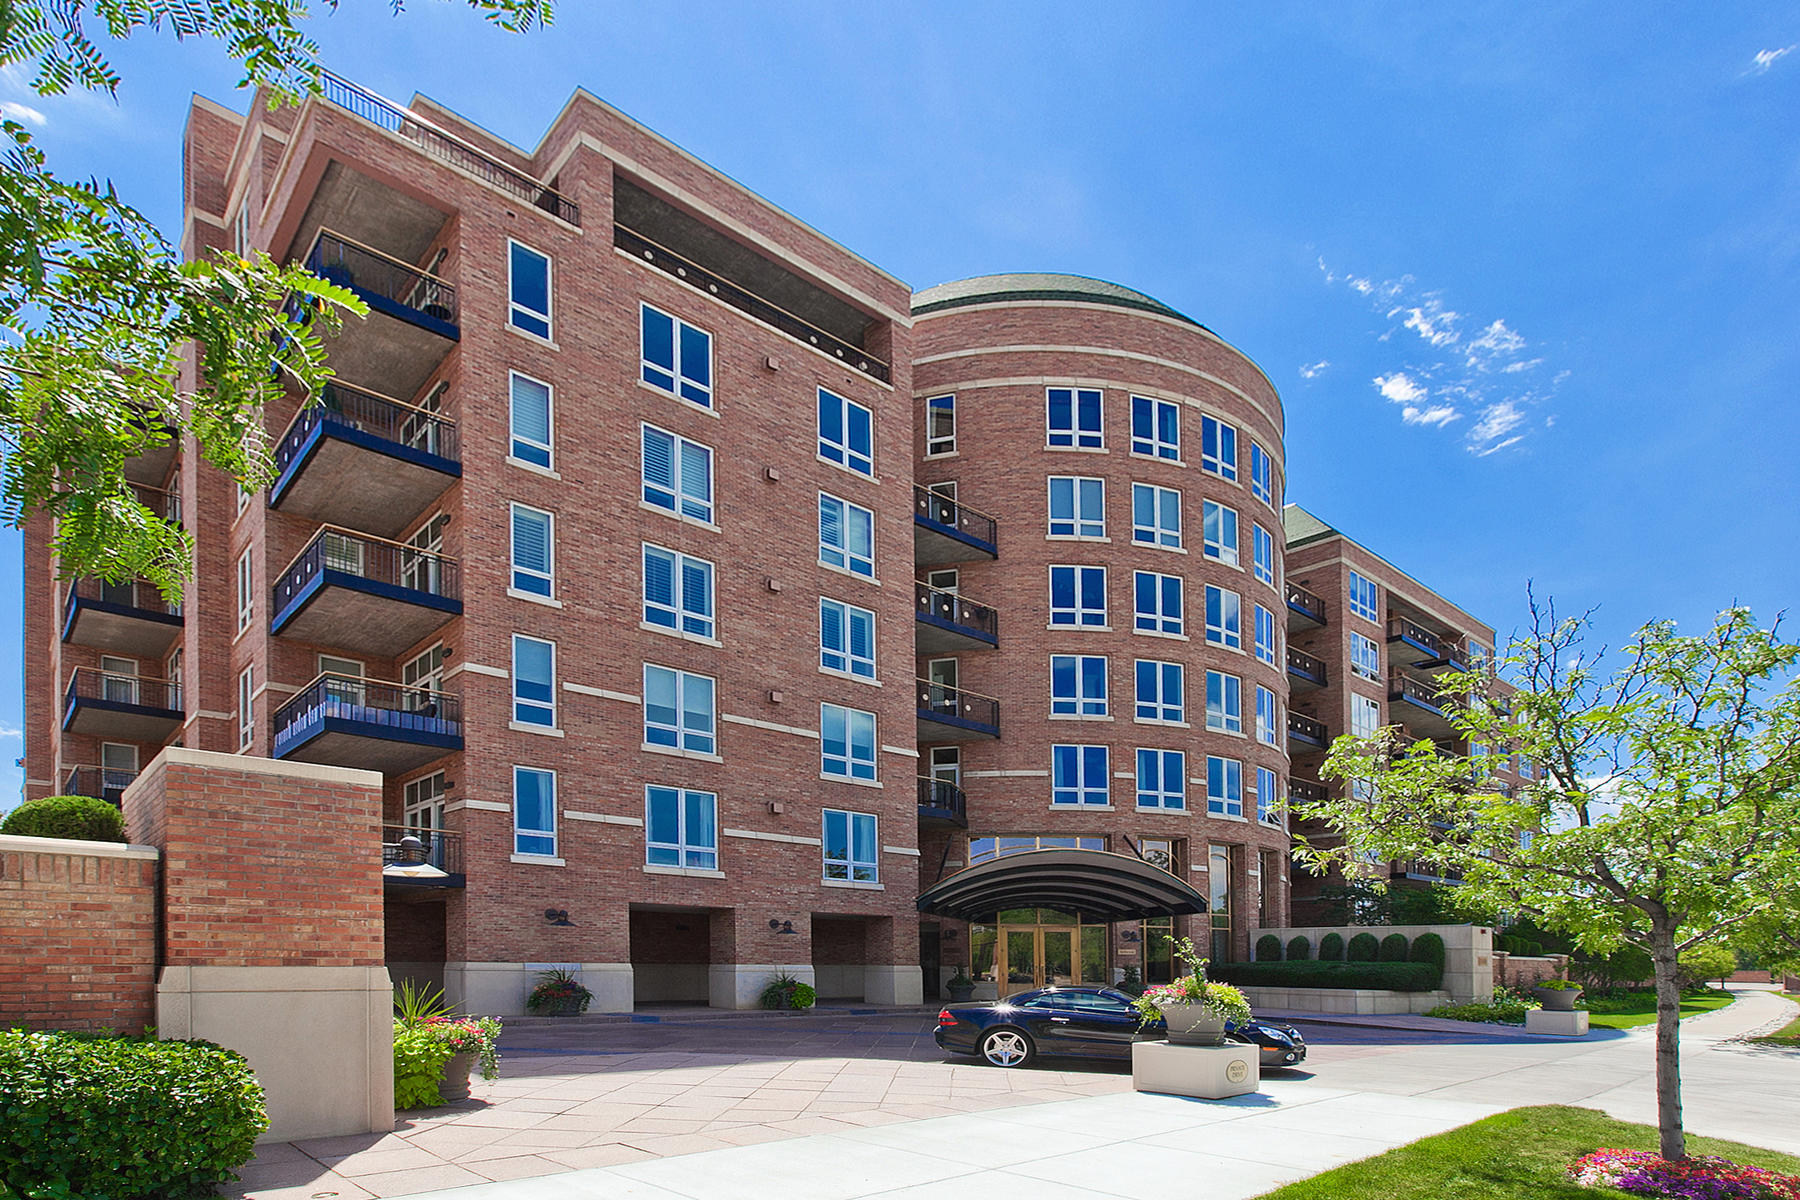 Property для того Продажа на Denver, Колорадо 80209 Соединенные Штаты